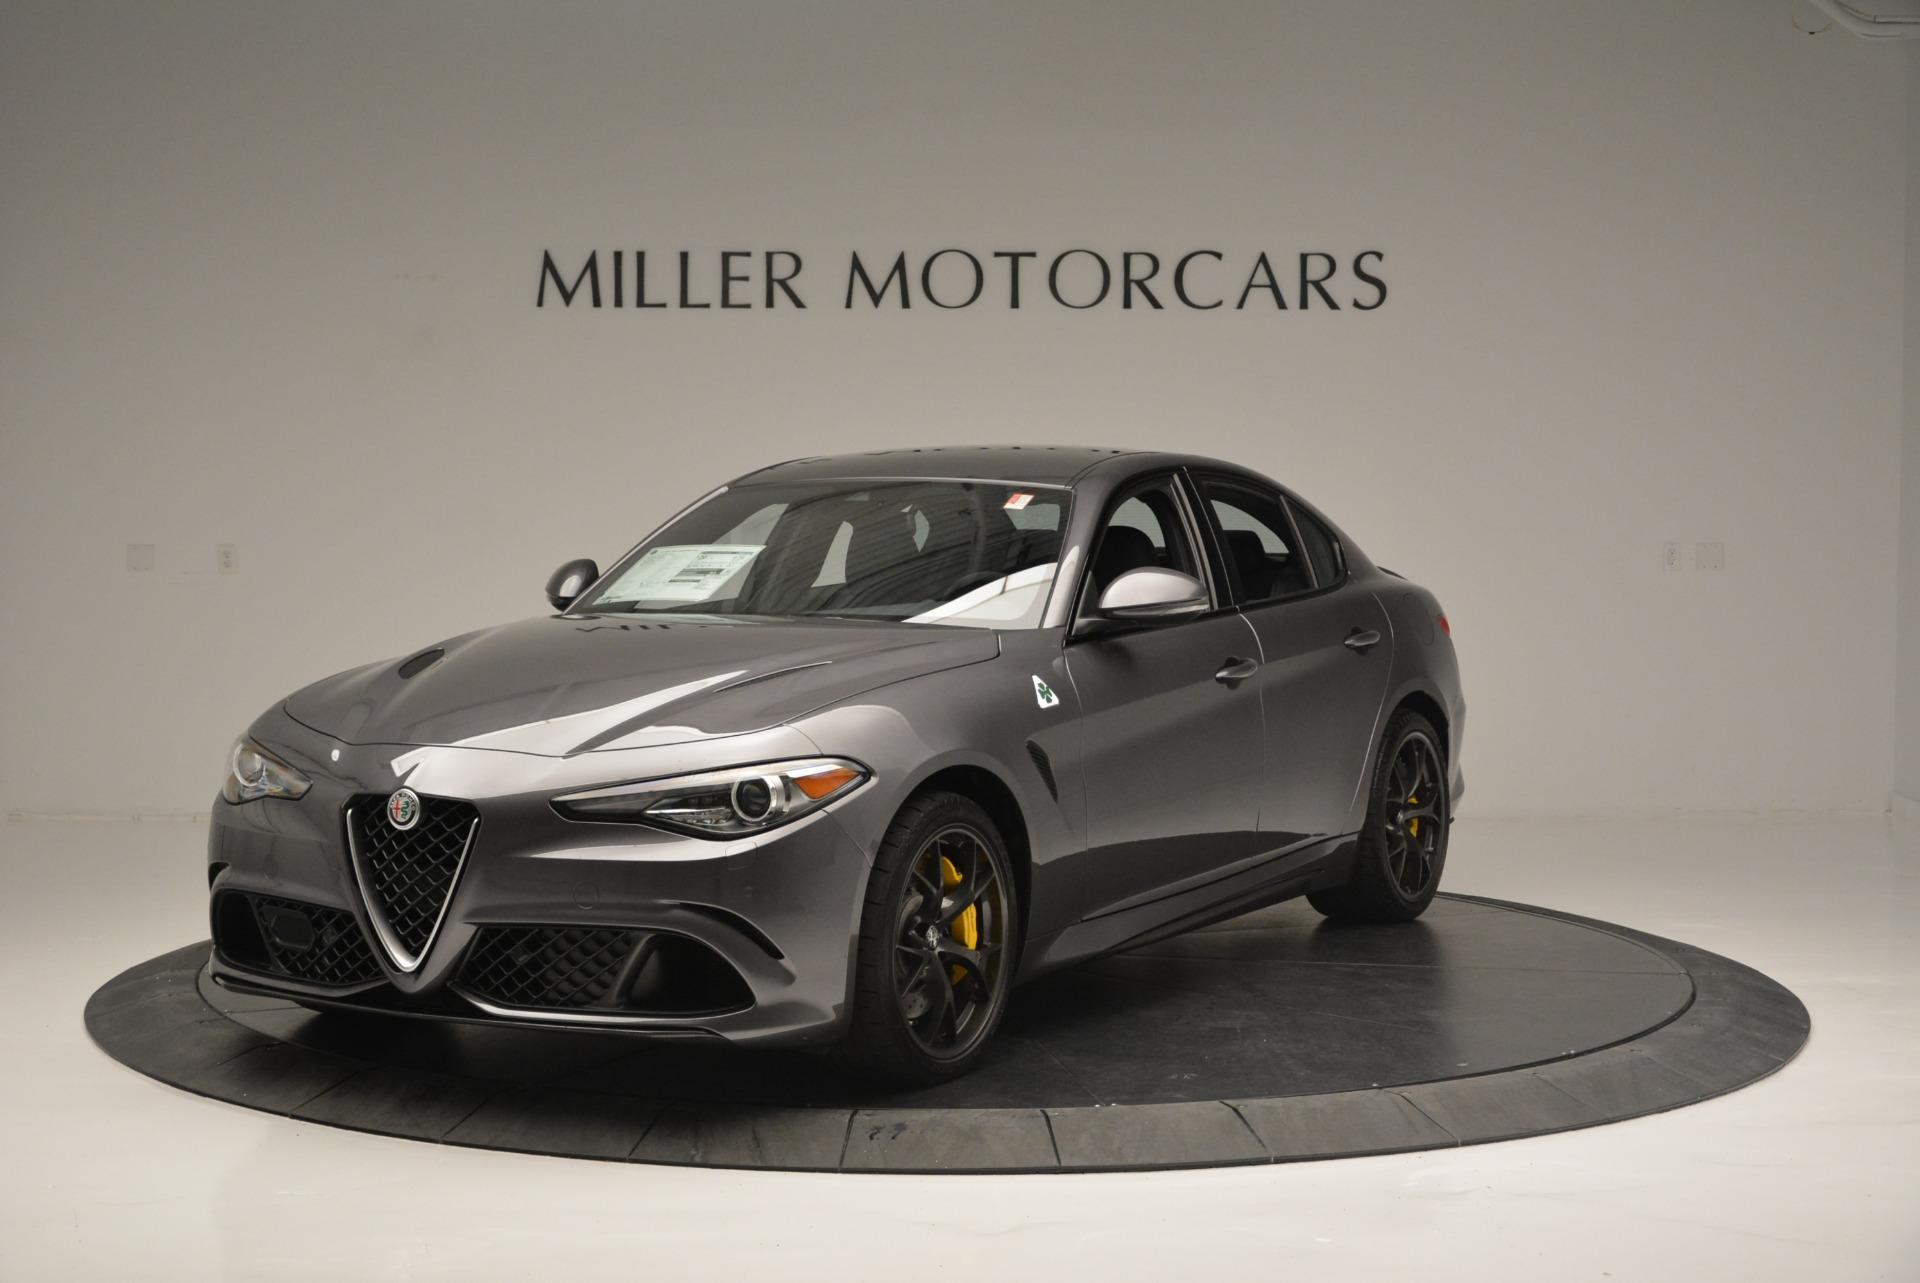 New 2018 Alfa Romeo Giulia Quadrifoglio for sale Sold at Rolls-Royce Motor Cars Greenwich in Greenwich CT 06830 1